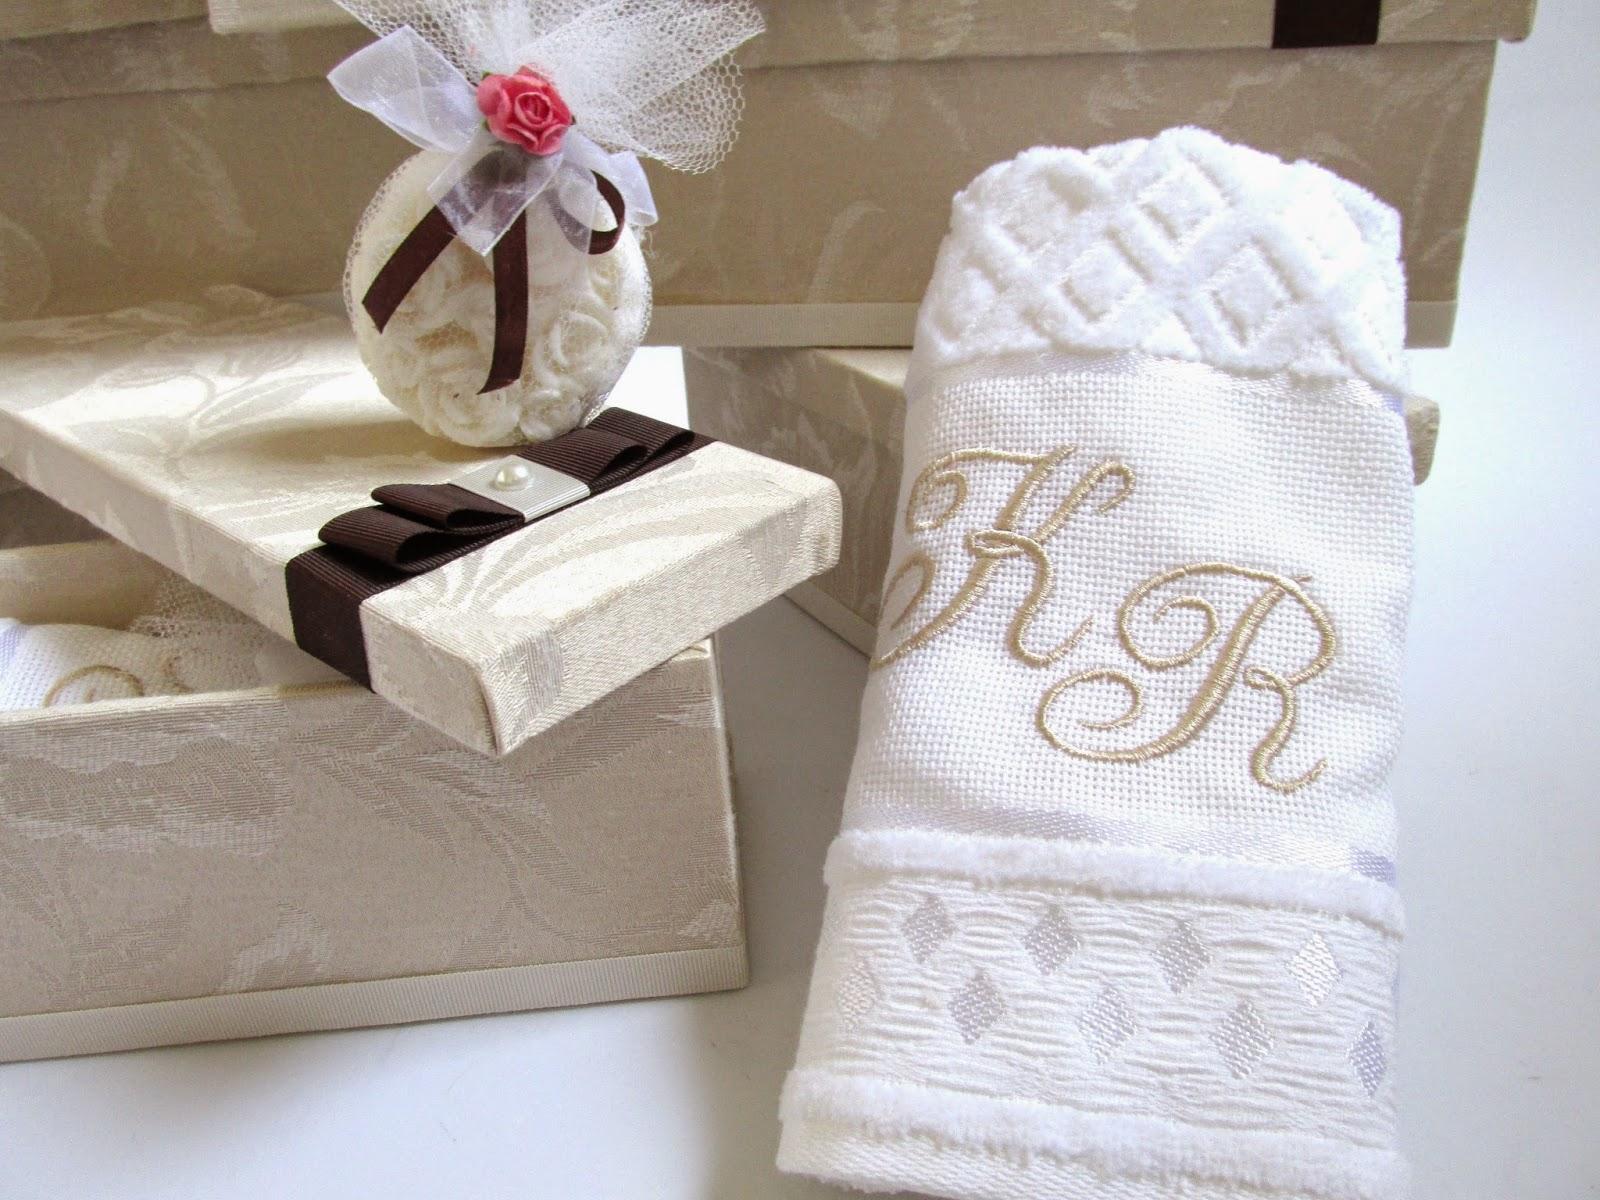 decoracao de lavabo para casamento:Caixa Kit Lavabo para madrinhas de casamento – Incluso caixa + toalha